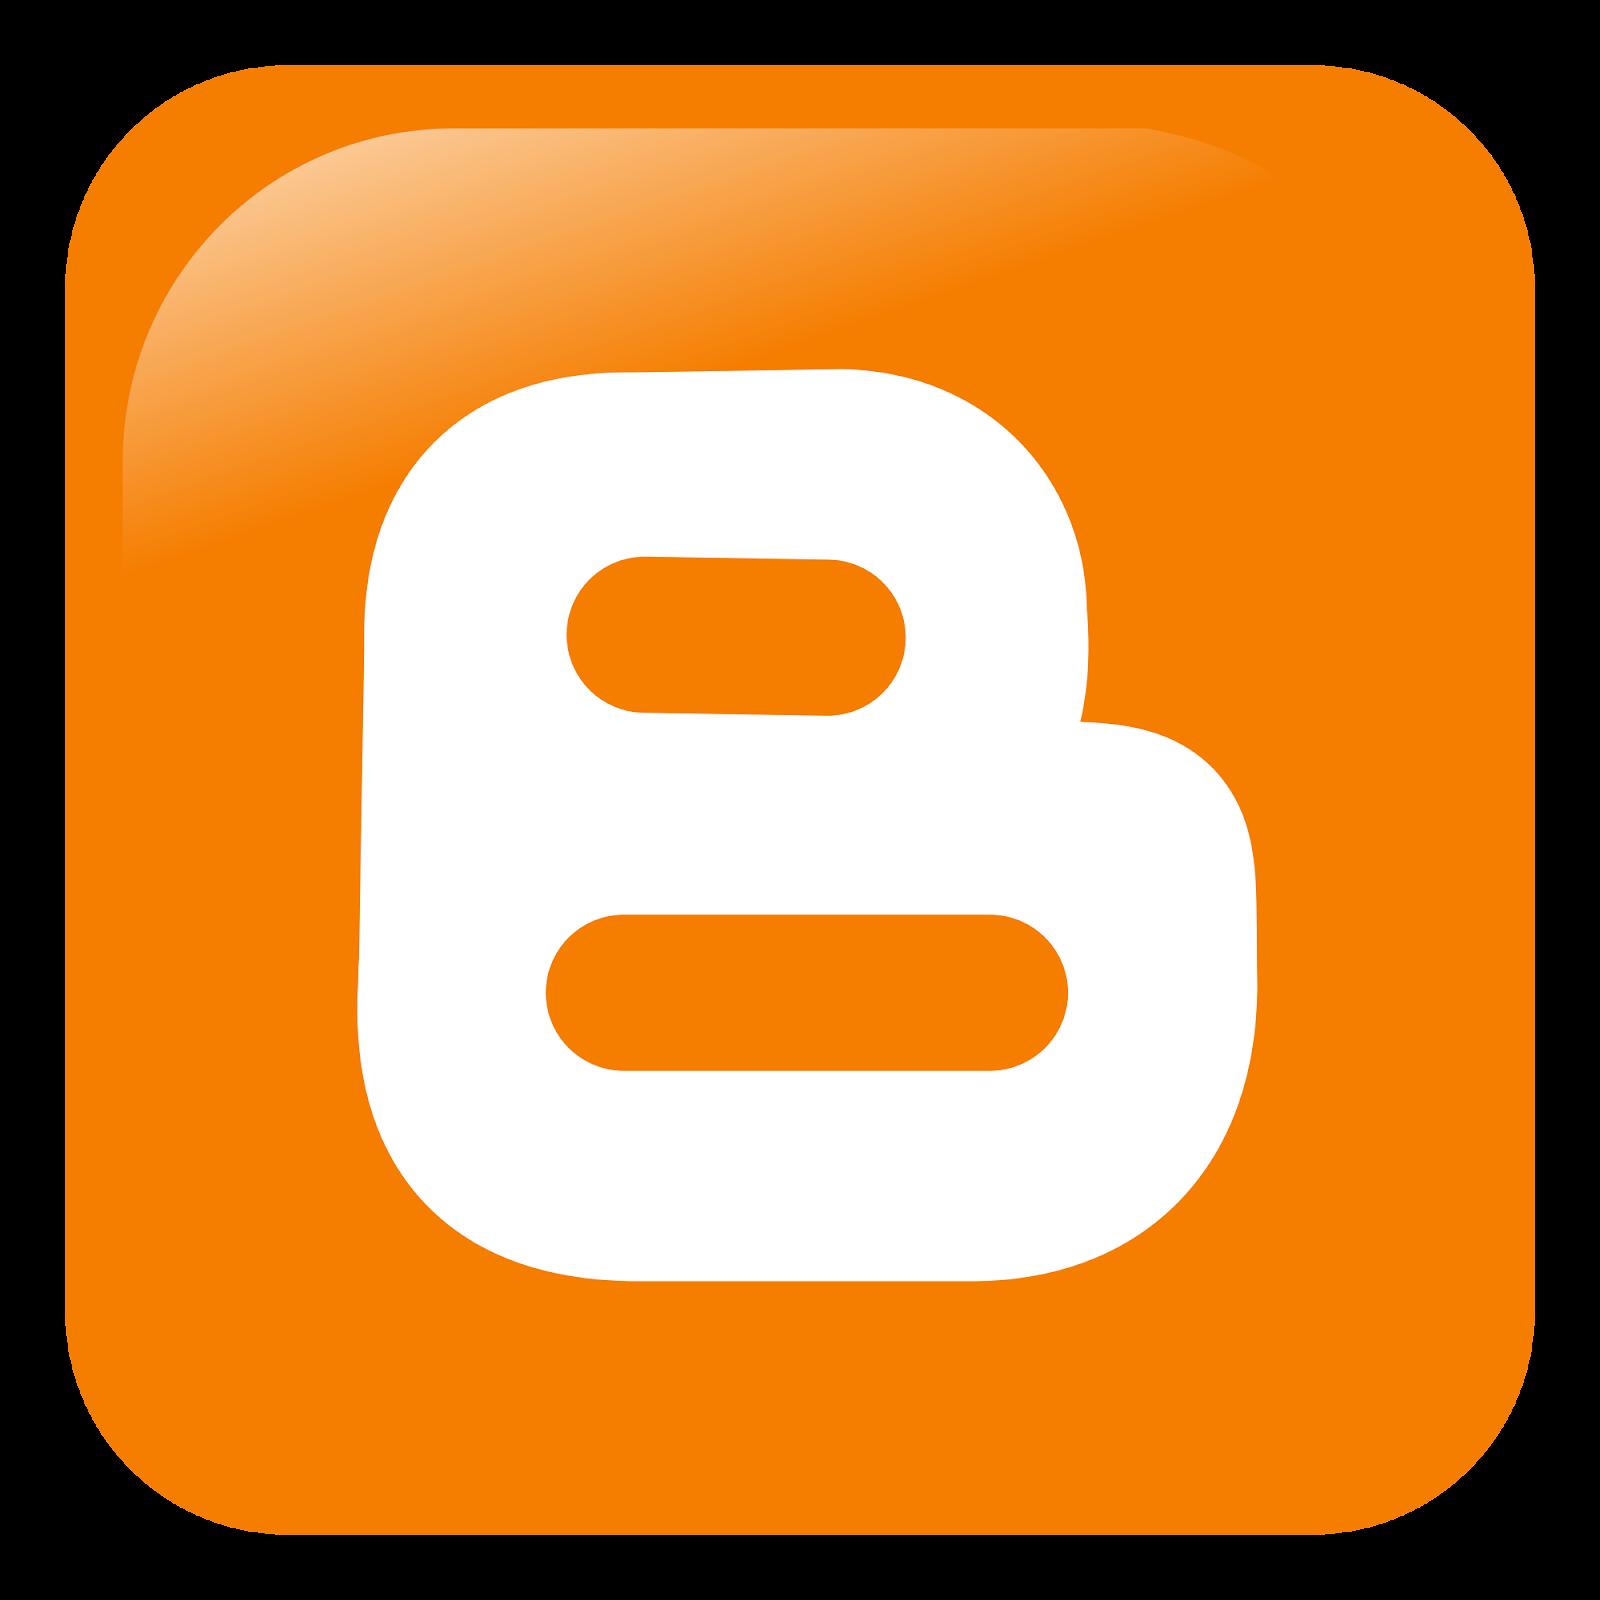 DescriptionBlogger.svg